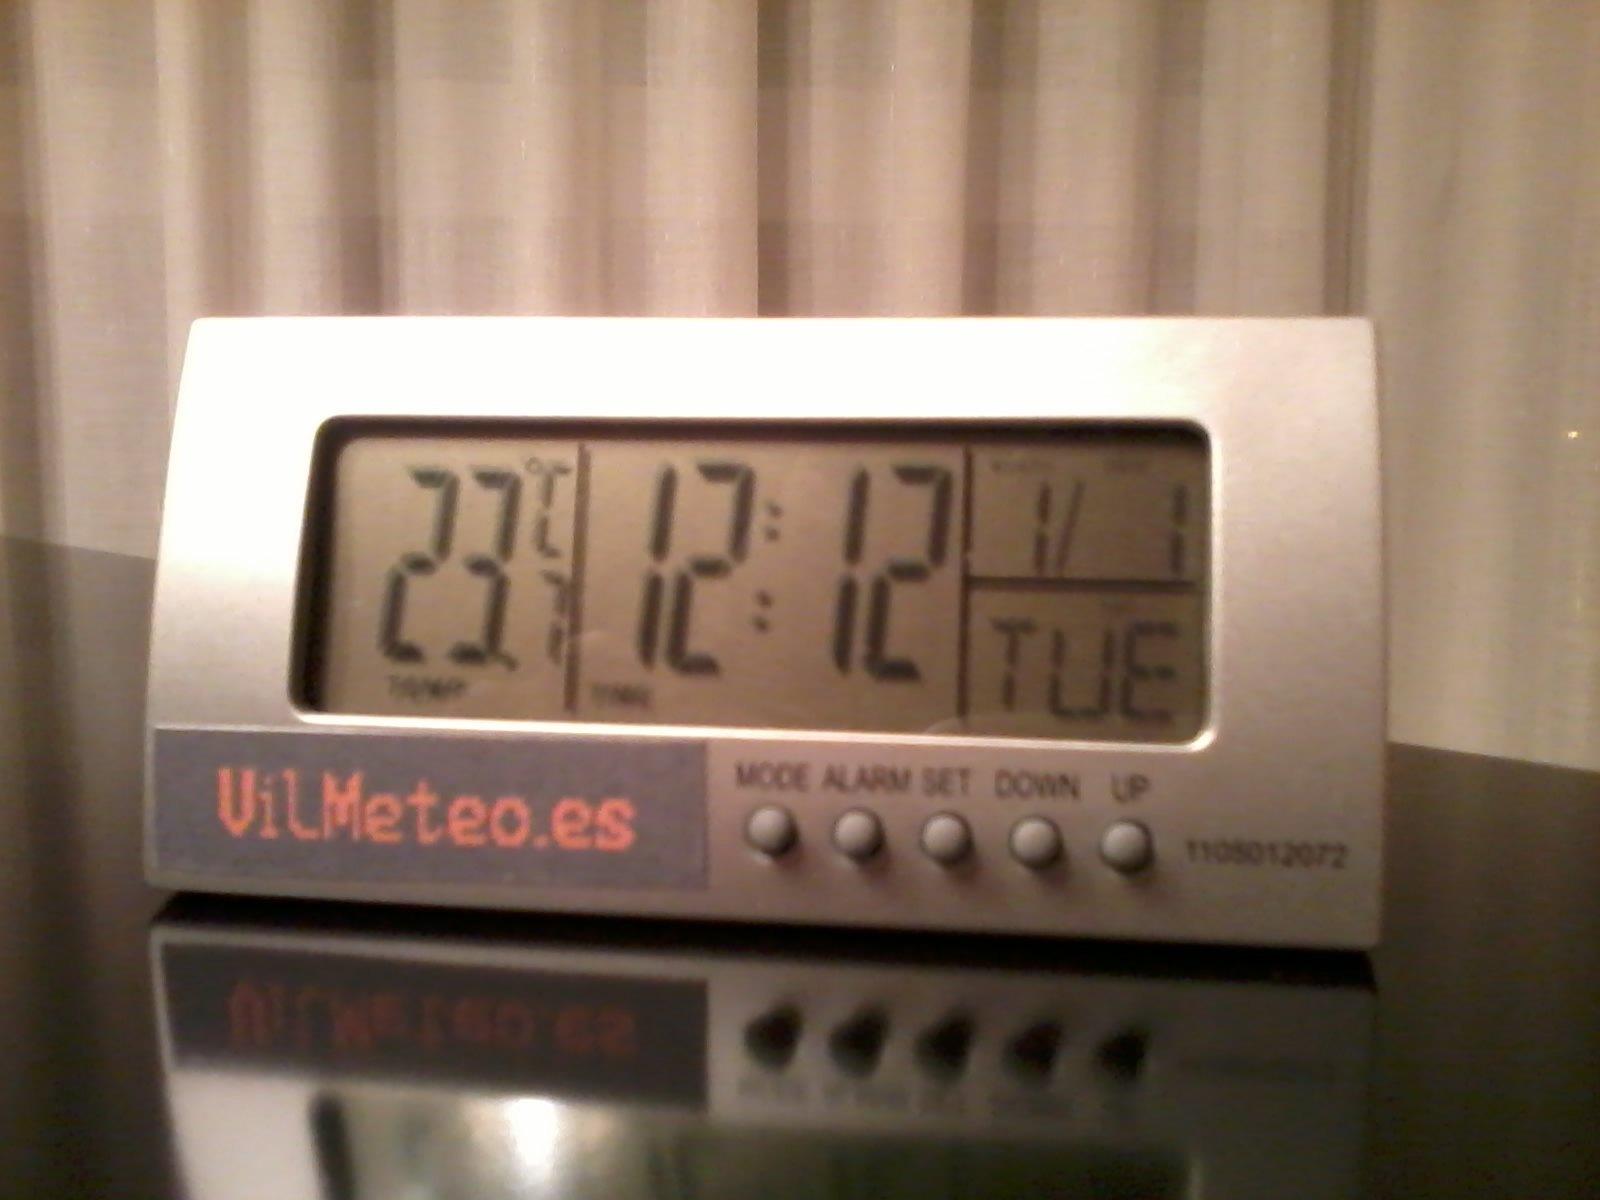 Participa i podràs guanyar un termòmetre com aquest.